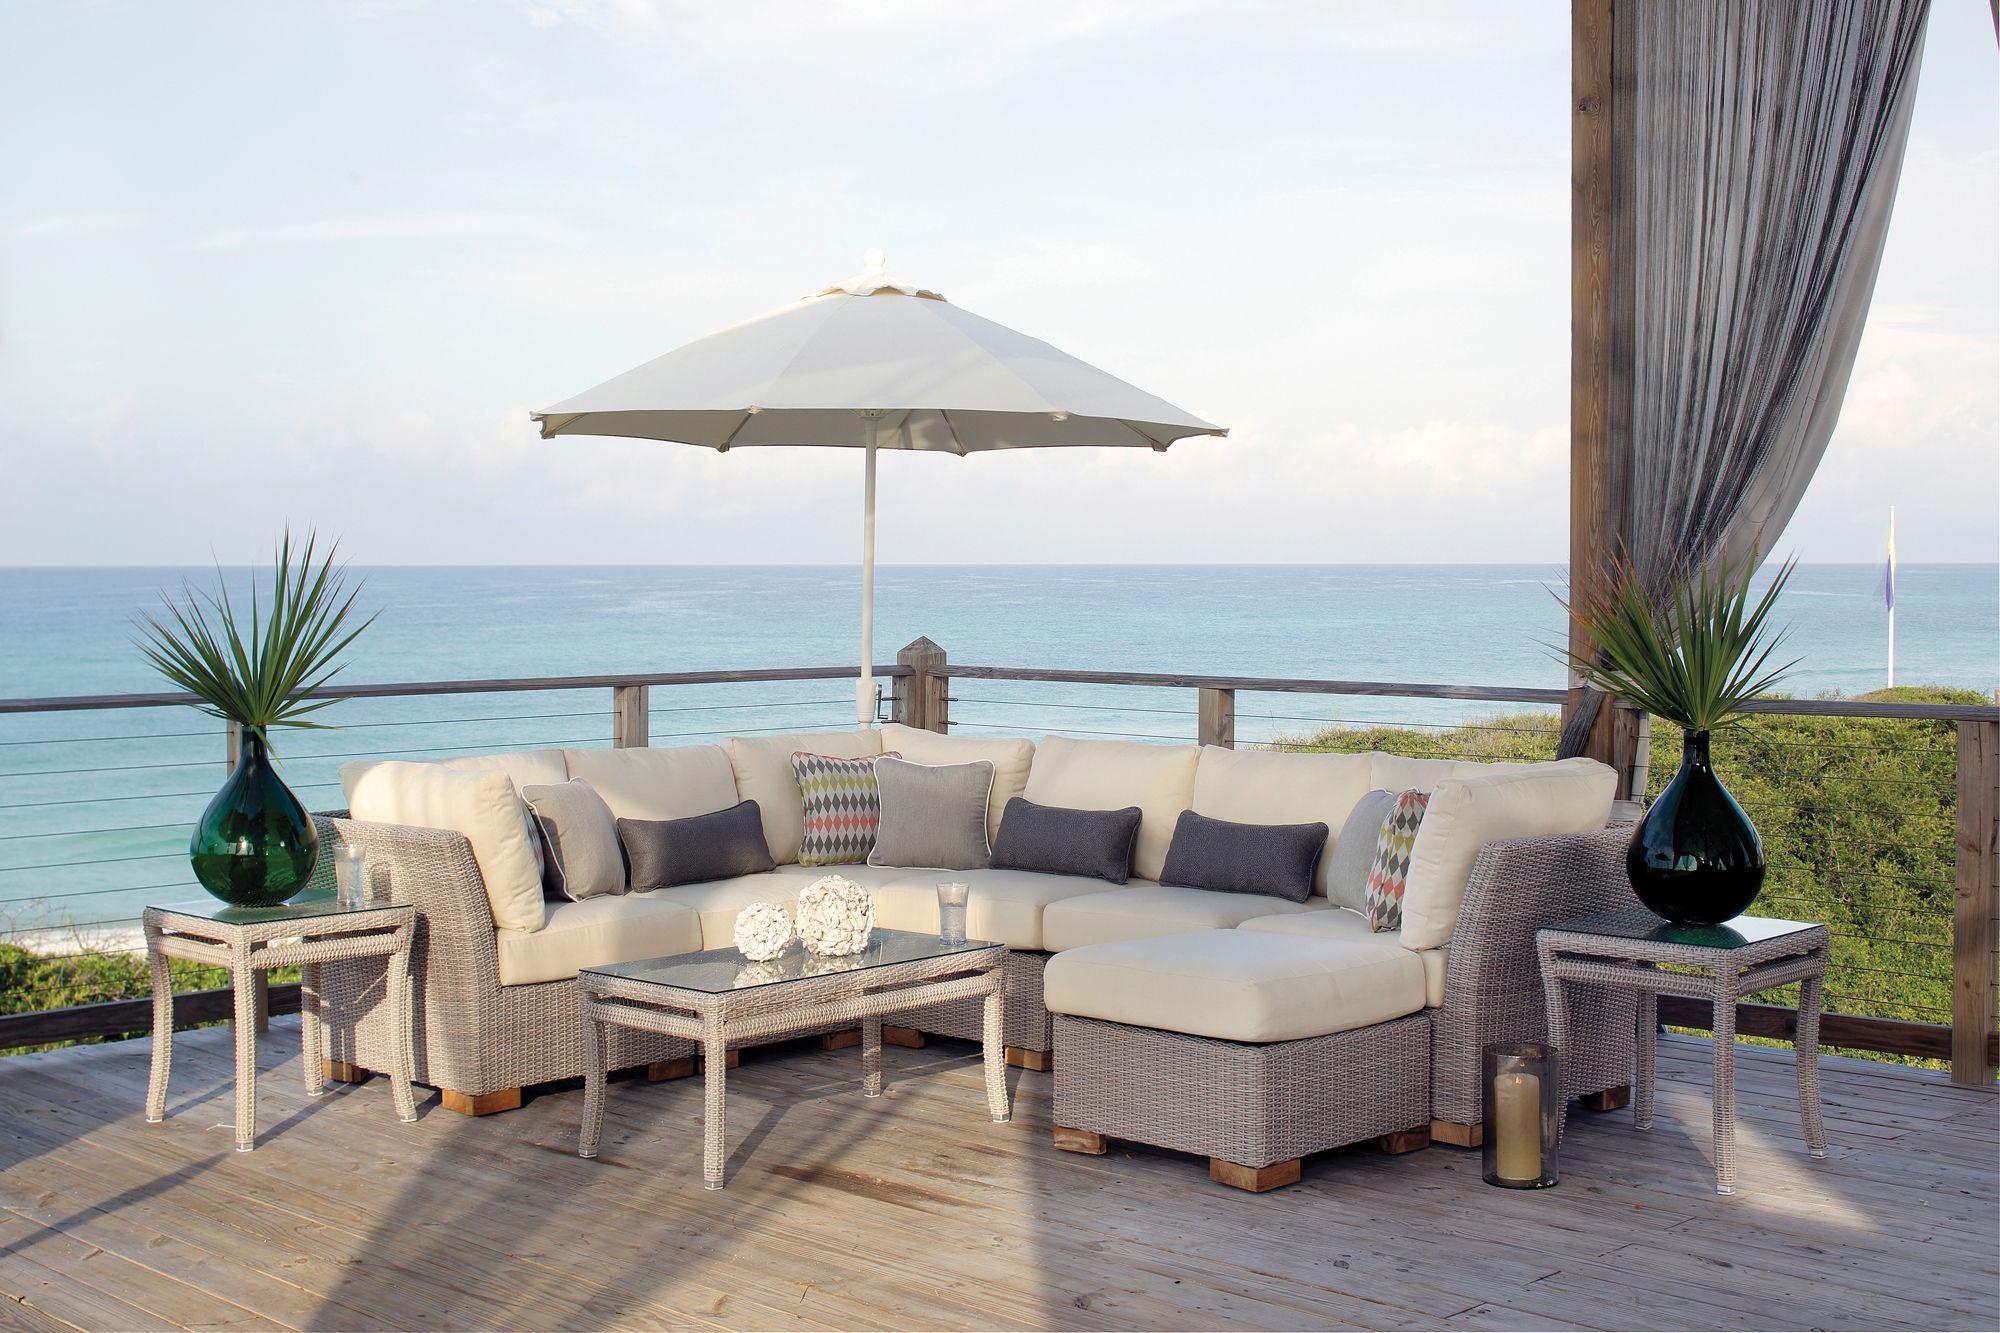 Club Woven Modern Patio Furniture Summer Clics